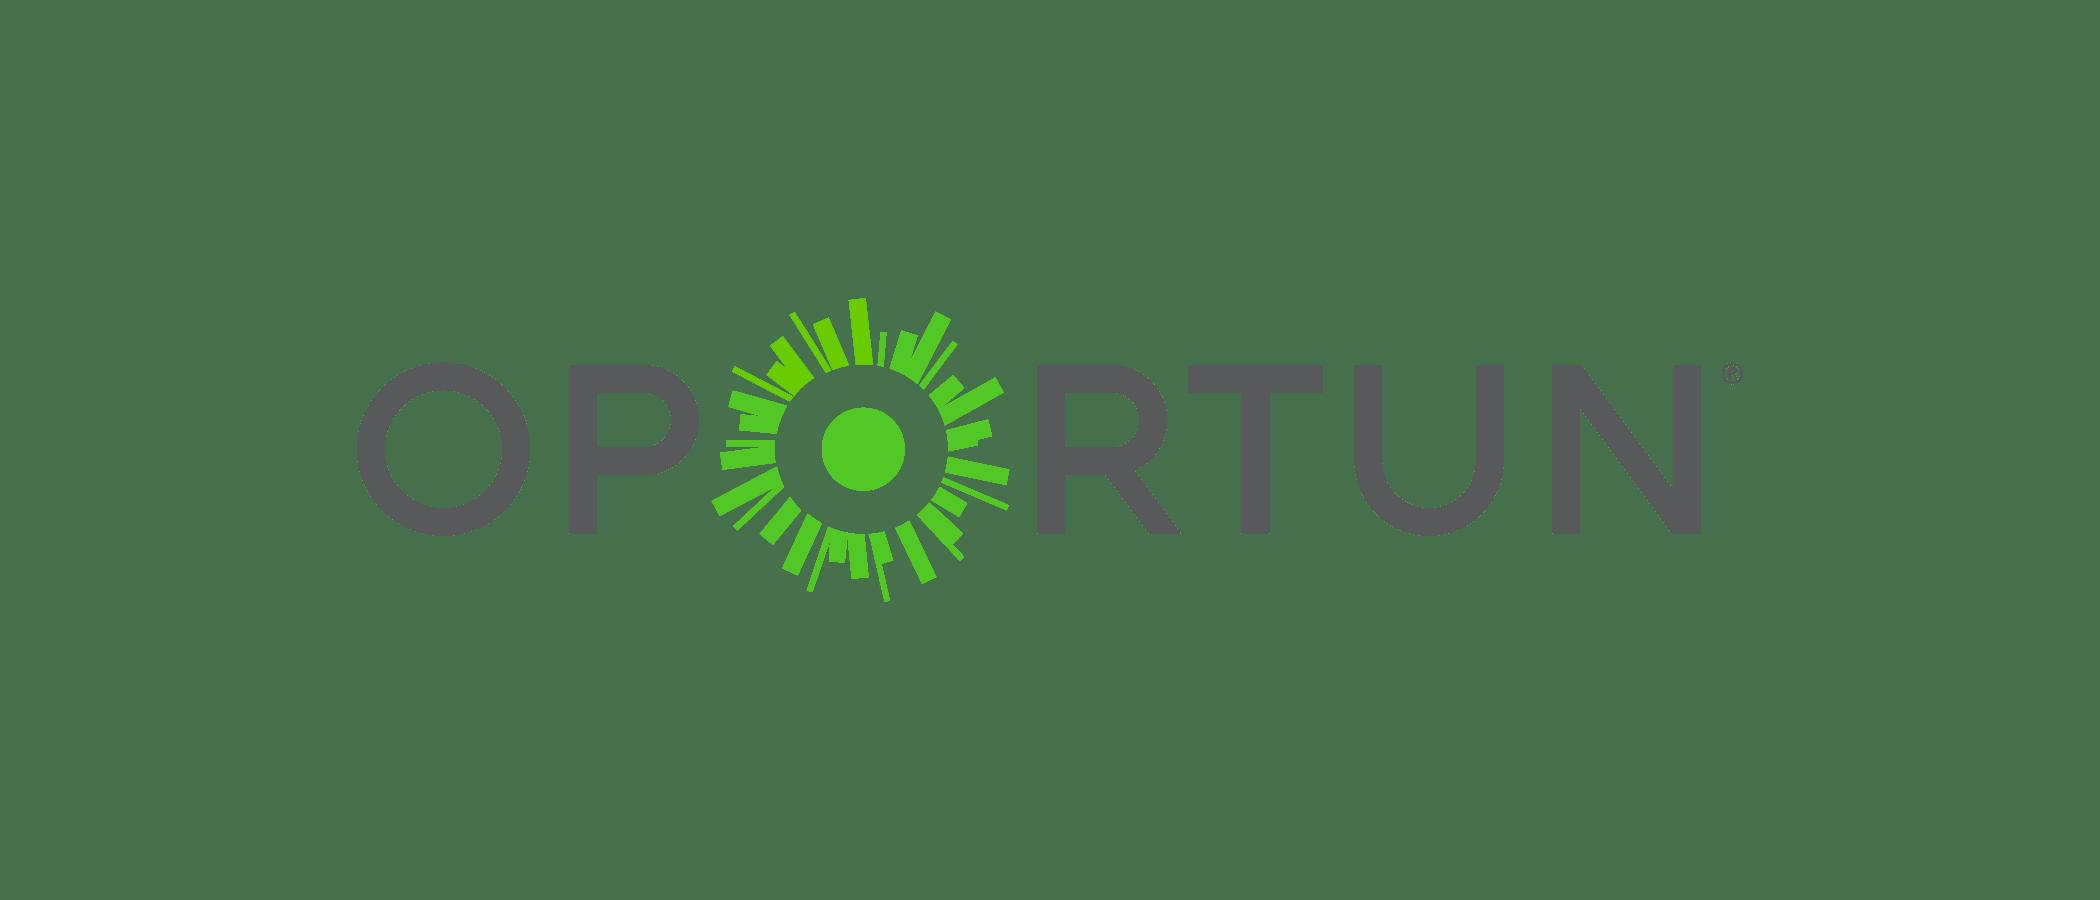 Oportun company logo color